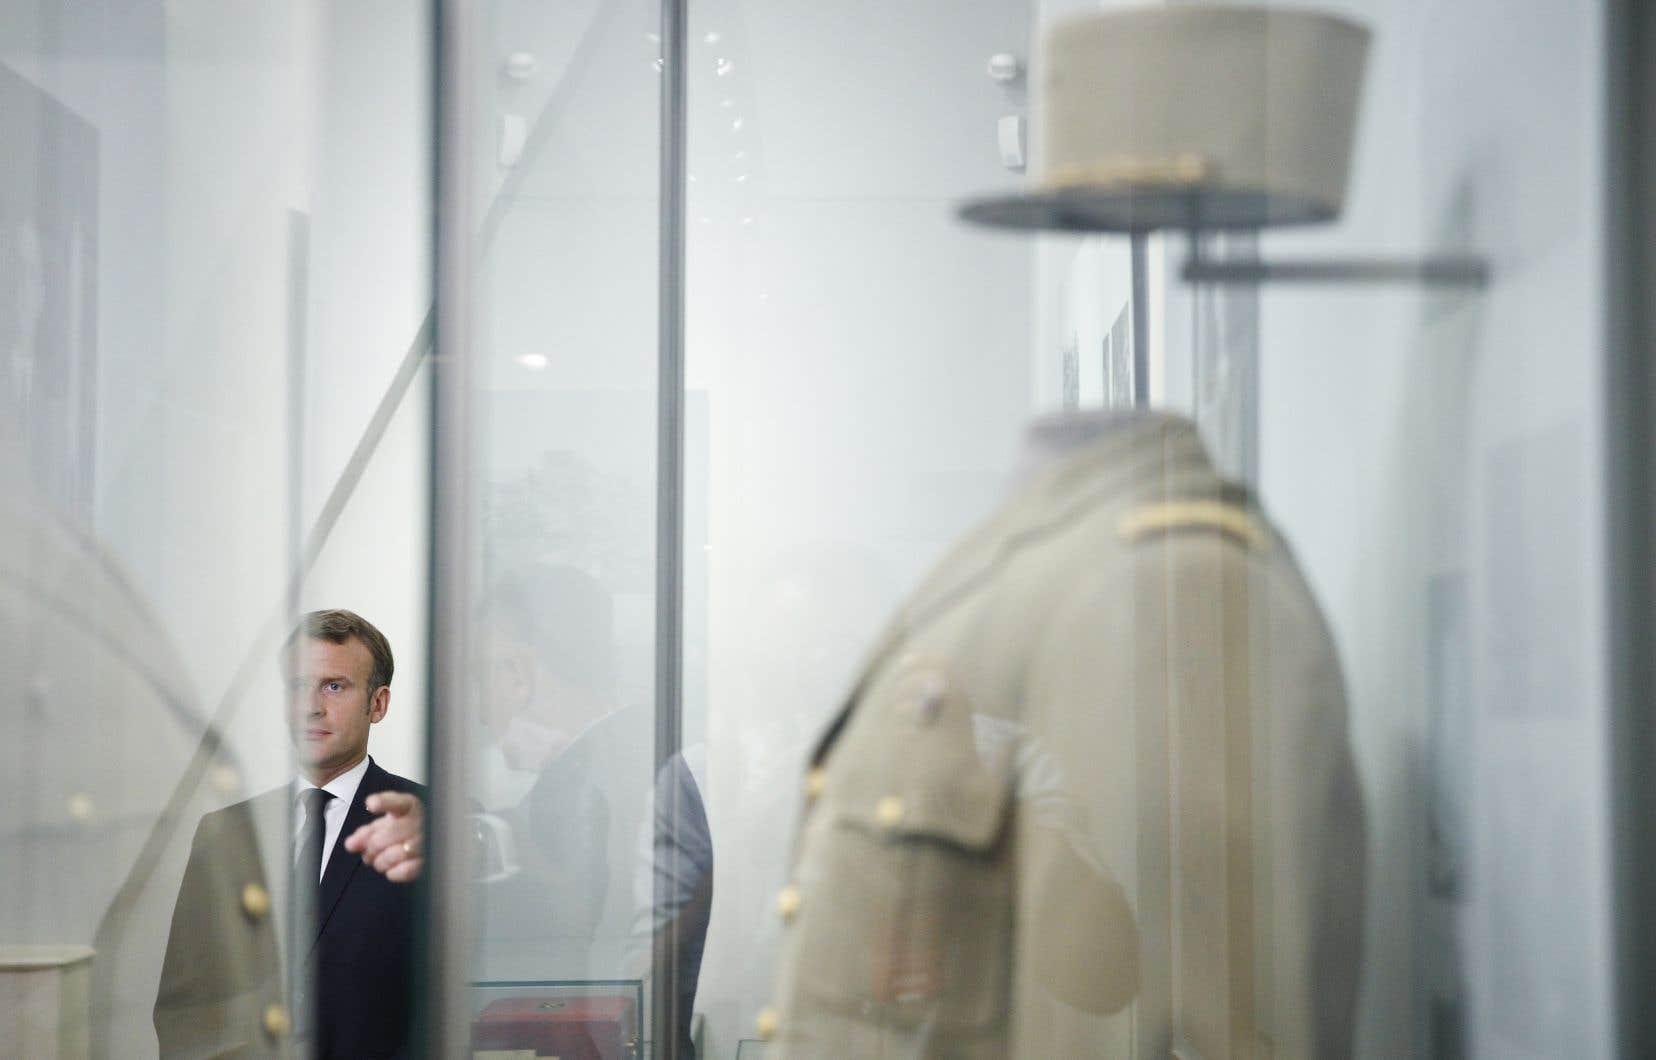 Le président français Emmanuel Macron près de l'uniforme du général de Gaulle exposé lors de la visite du musée de l'Ordre de la Libération.